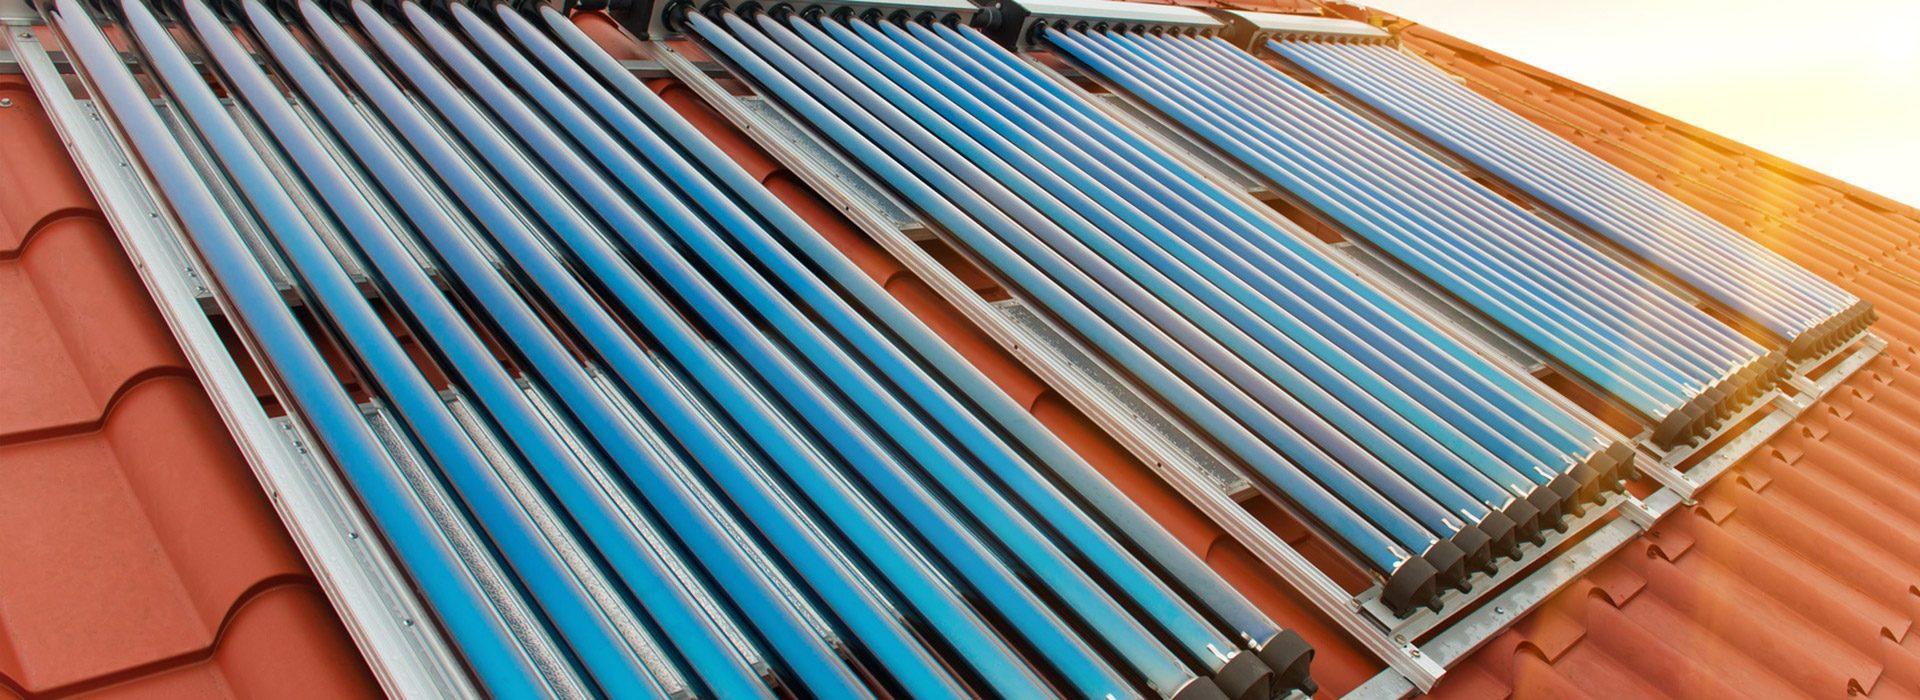 Solaranlagen und Solartechnik in Füssen